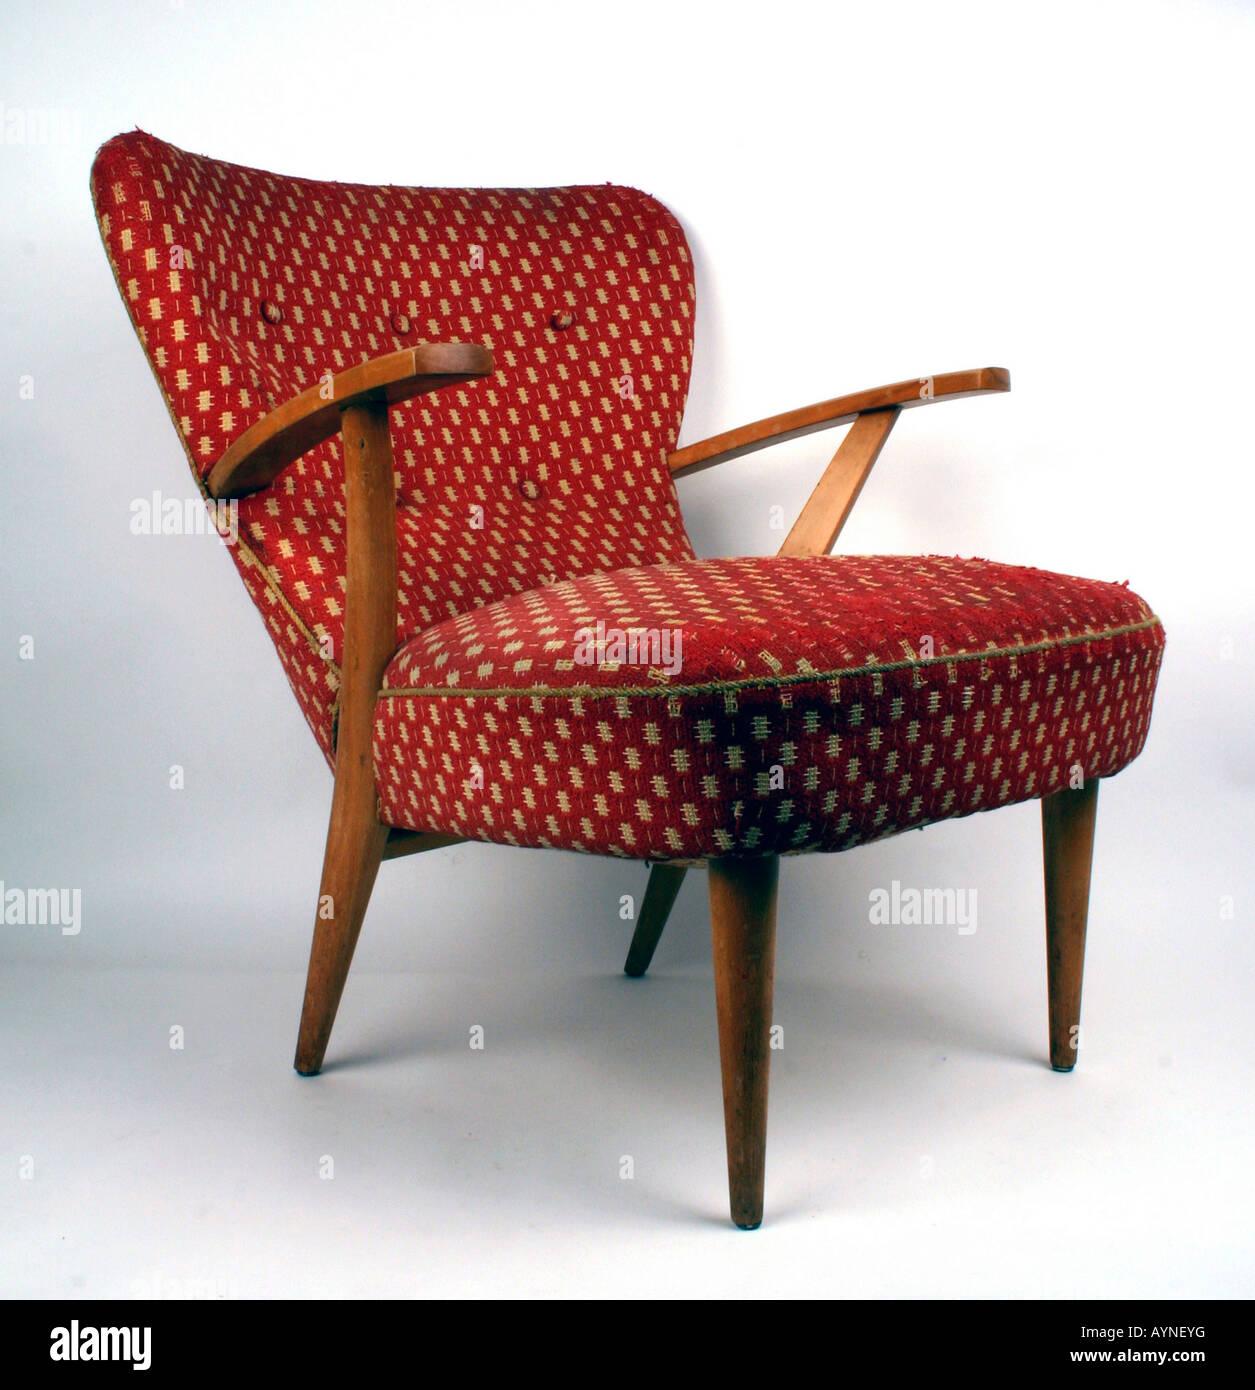 Arredamento mobili sedie poltroncina imbottita, a partire da un ...